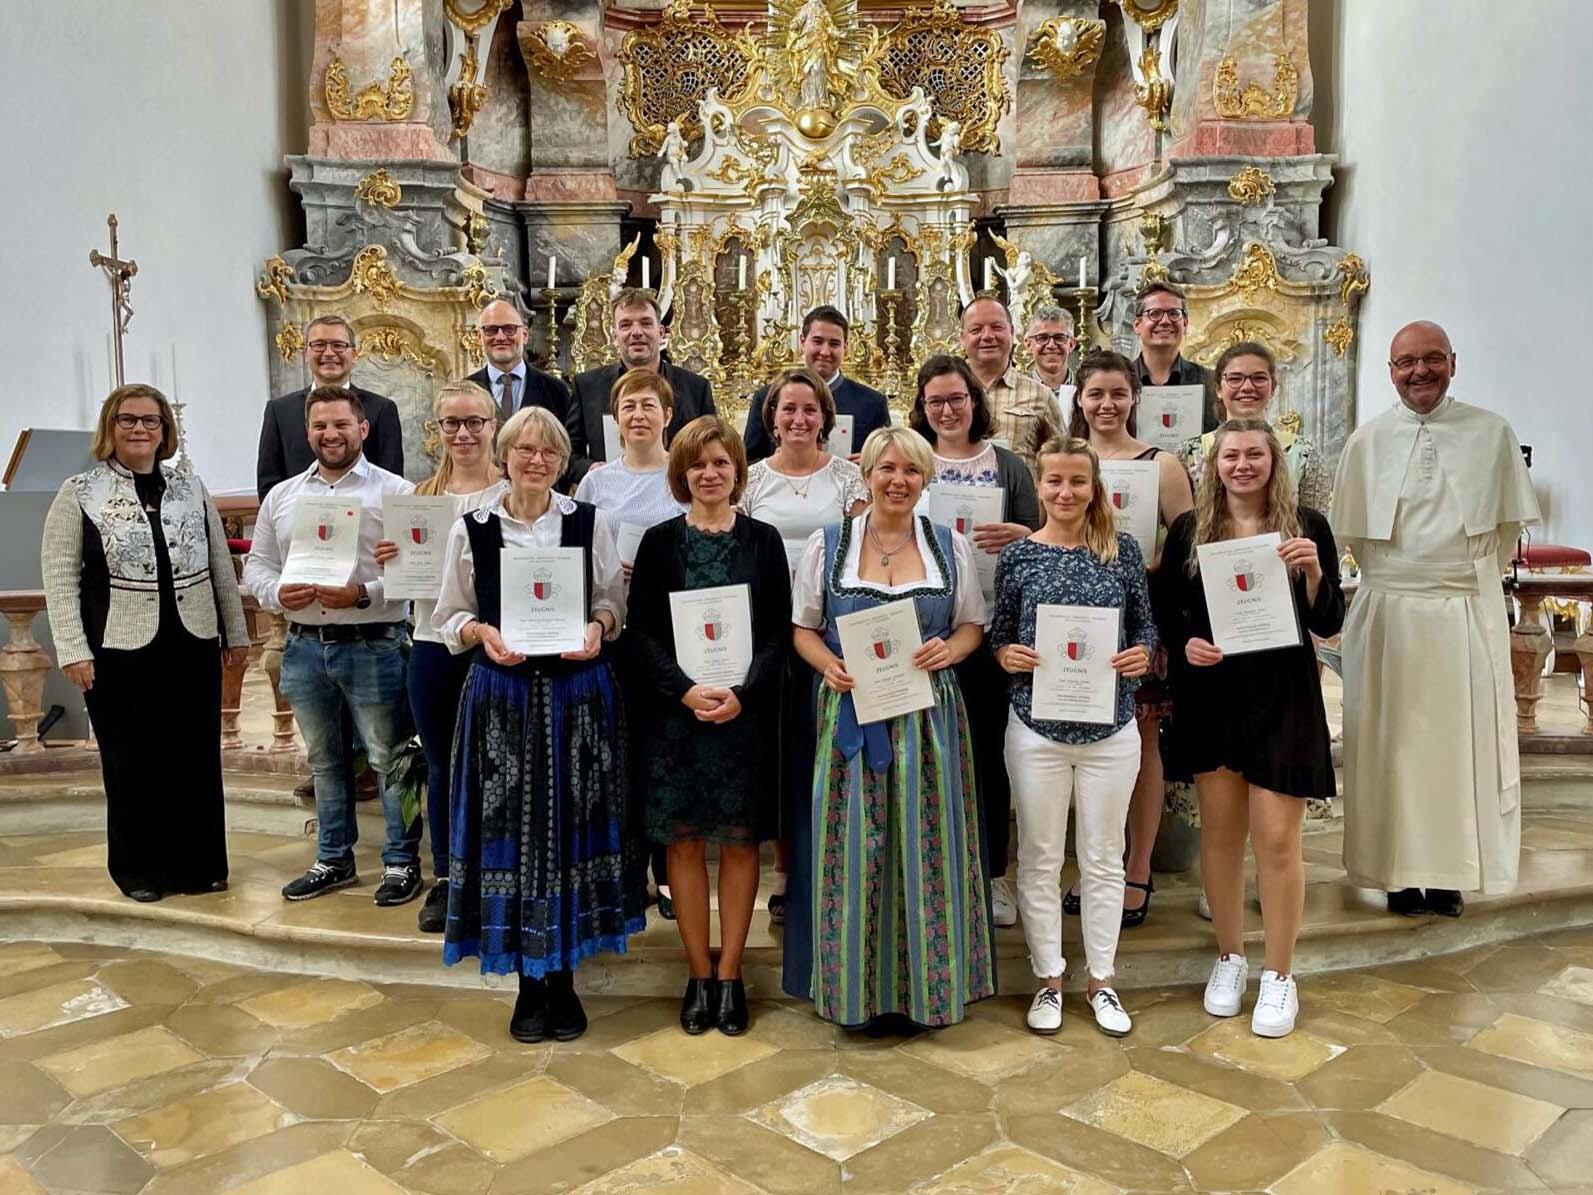 Zeugnisverleihung an die Organisten, die in den vergangenen Jahren ihren C-Kurs absolvierten. (Foto: Amt für Kirchenmusik)